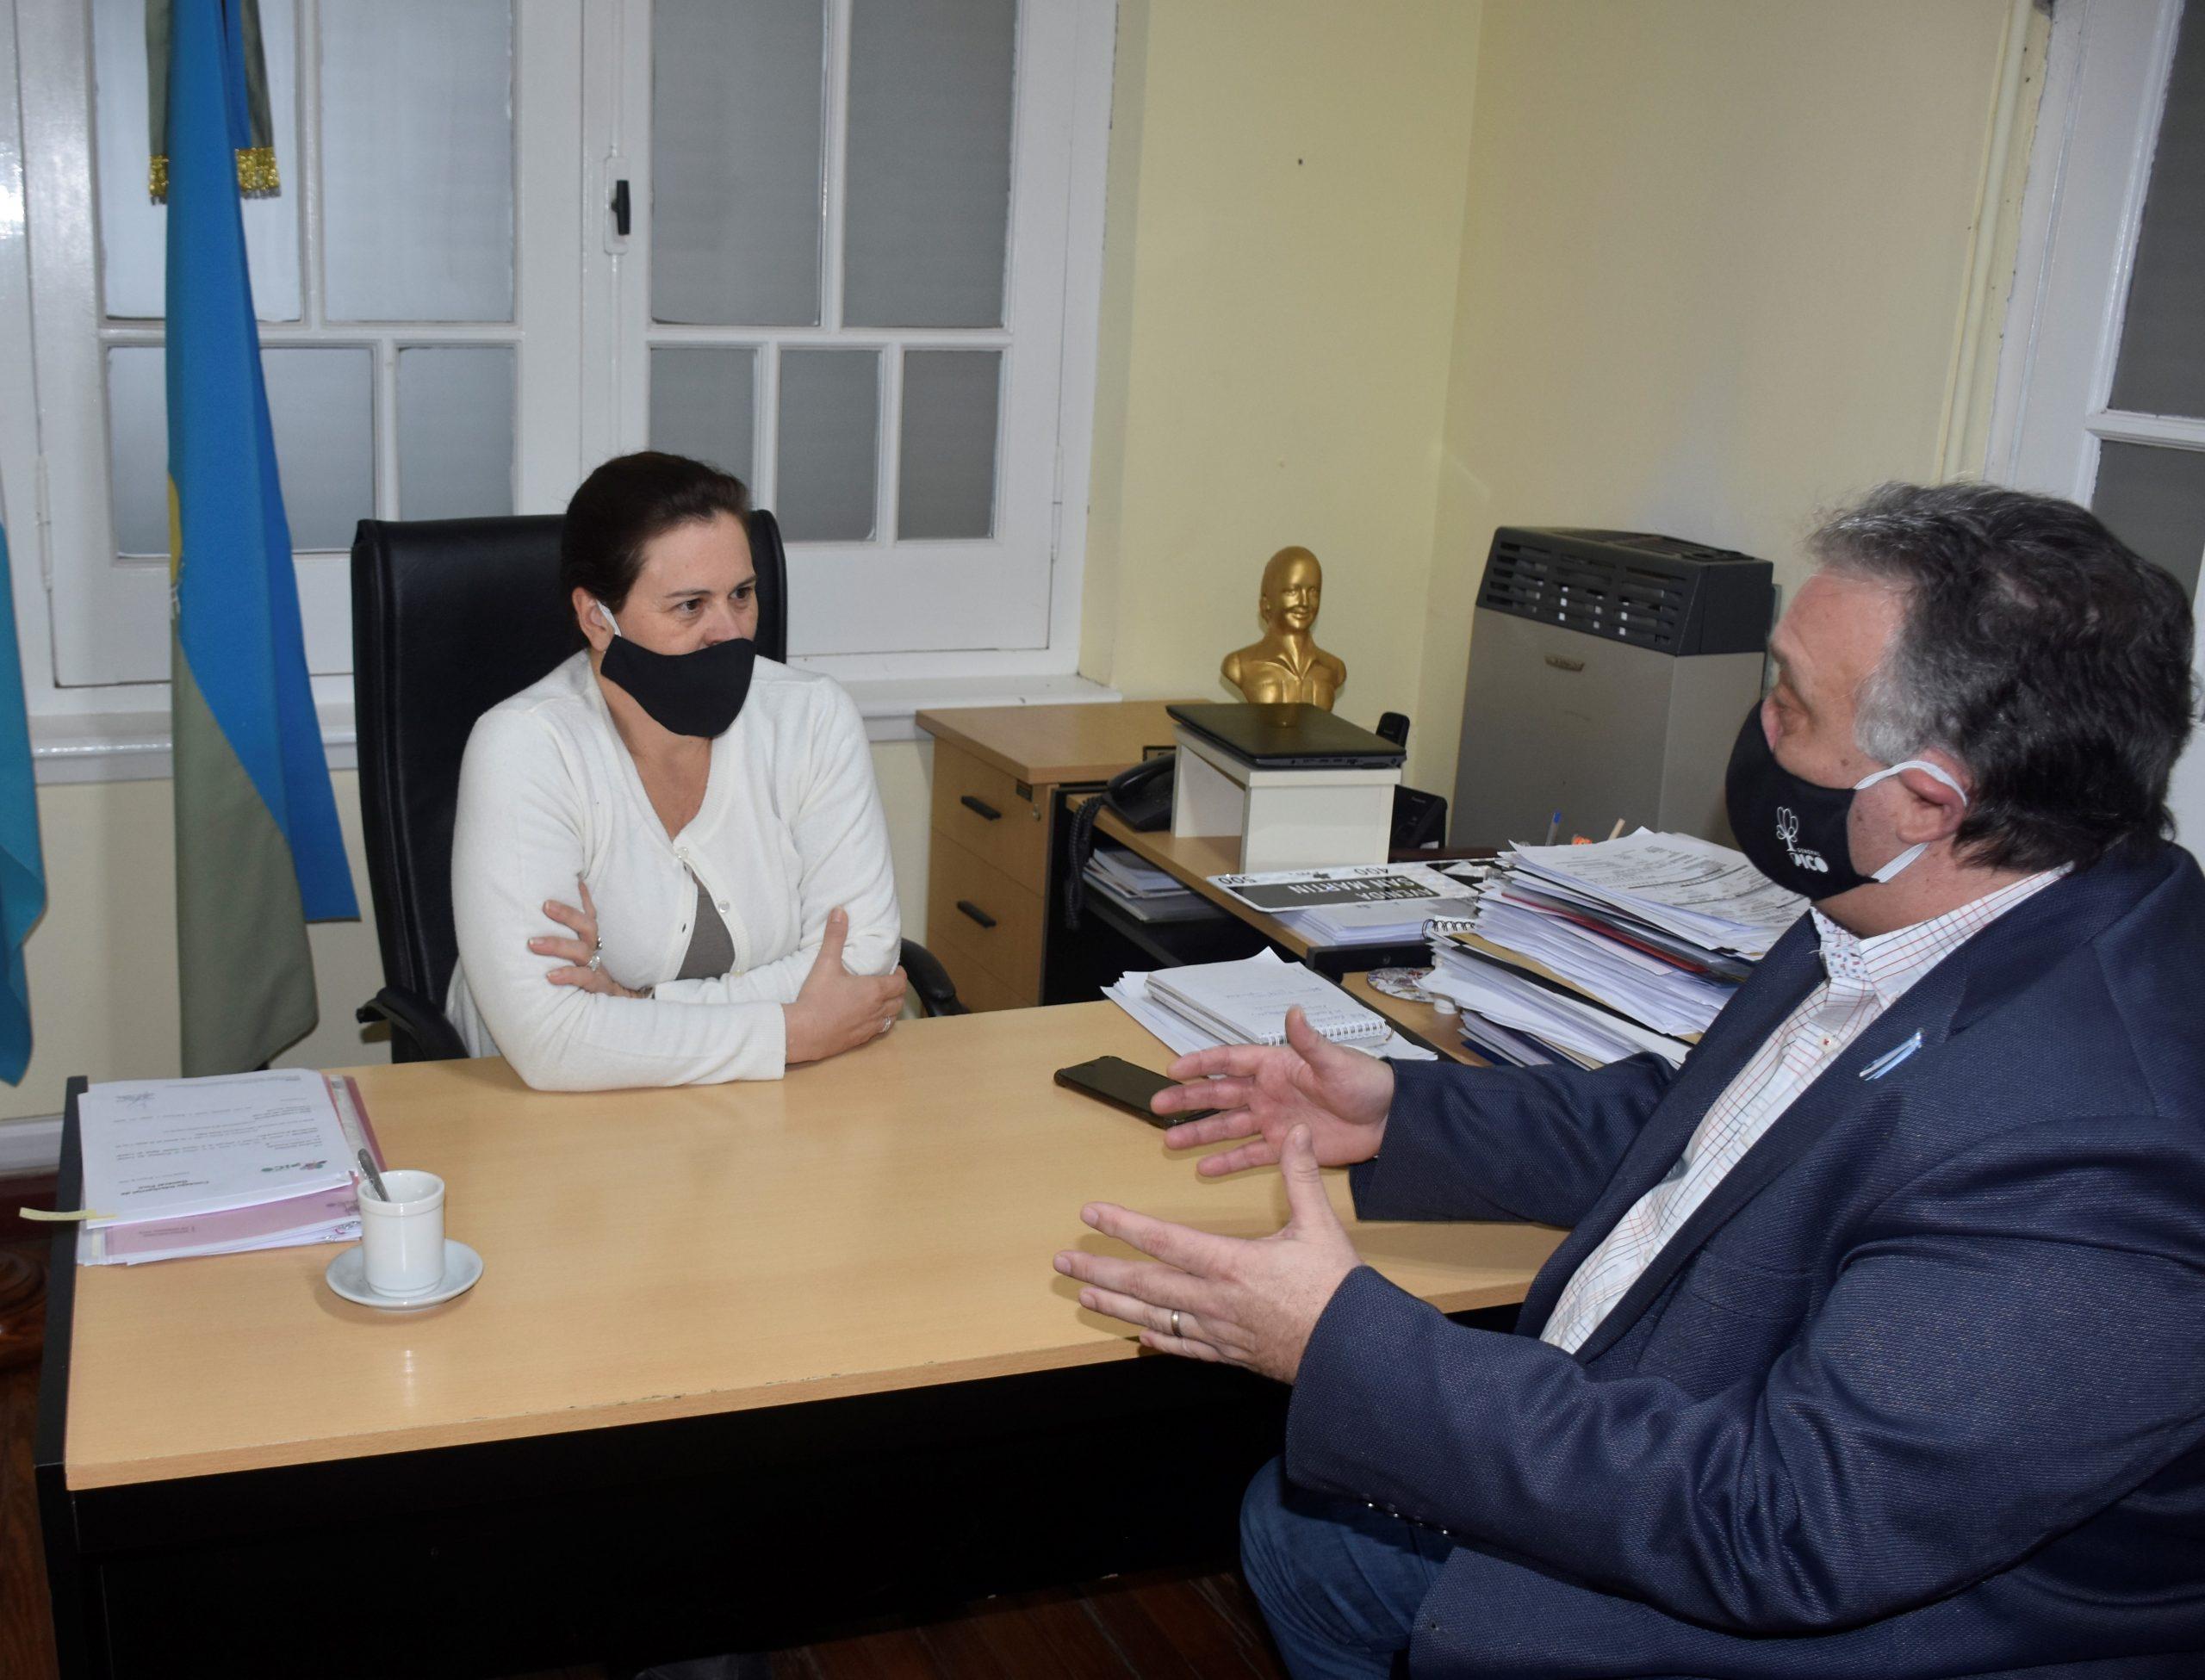 Alonso y Lovera buscan acordar estrategias para el sostenimiento de fuentes laborales en General Pico